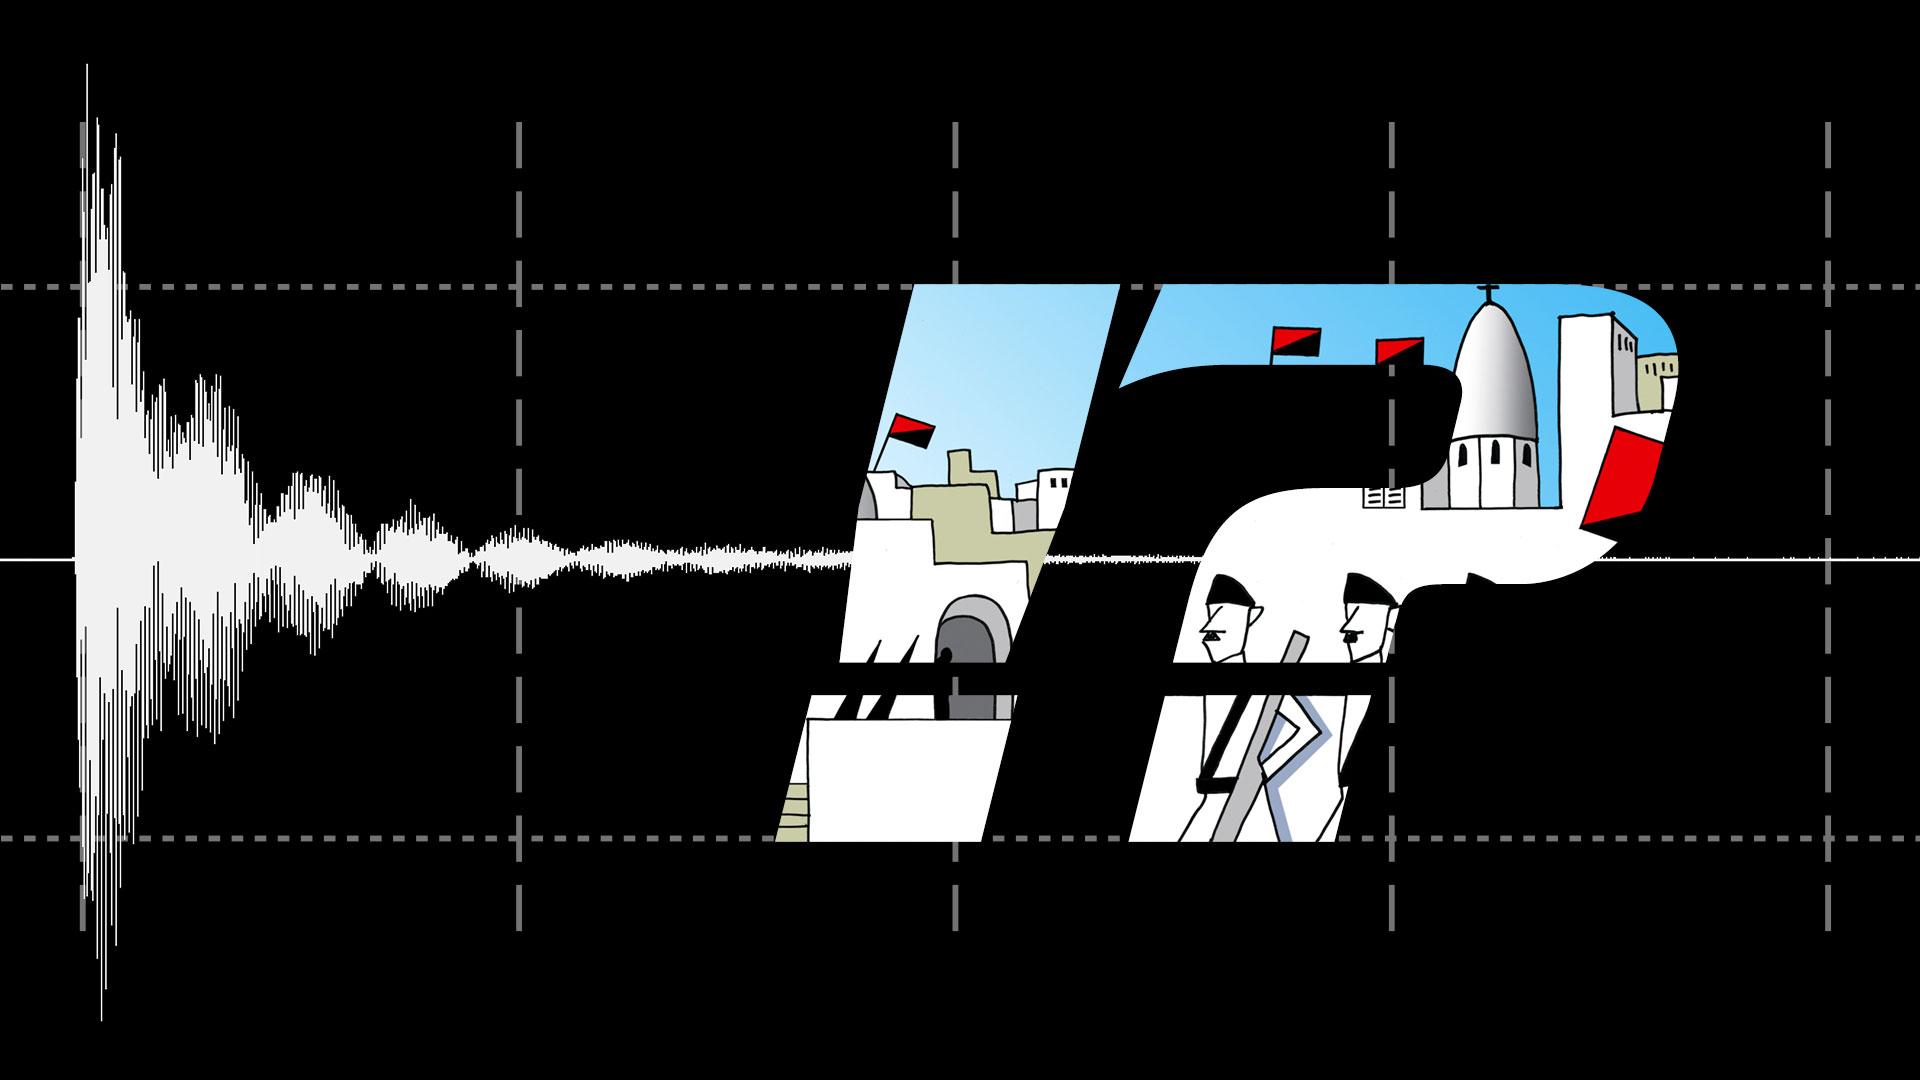 Gissa ljudet!-illustration med utropstecken och frågetecken